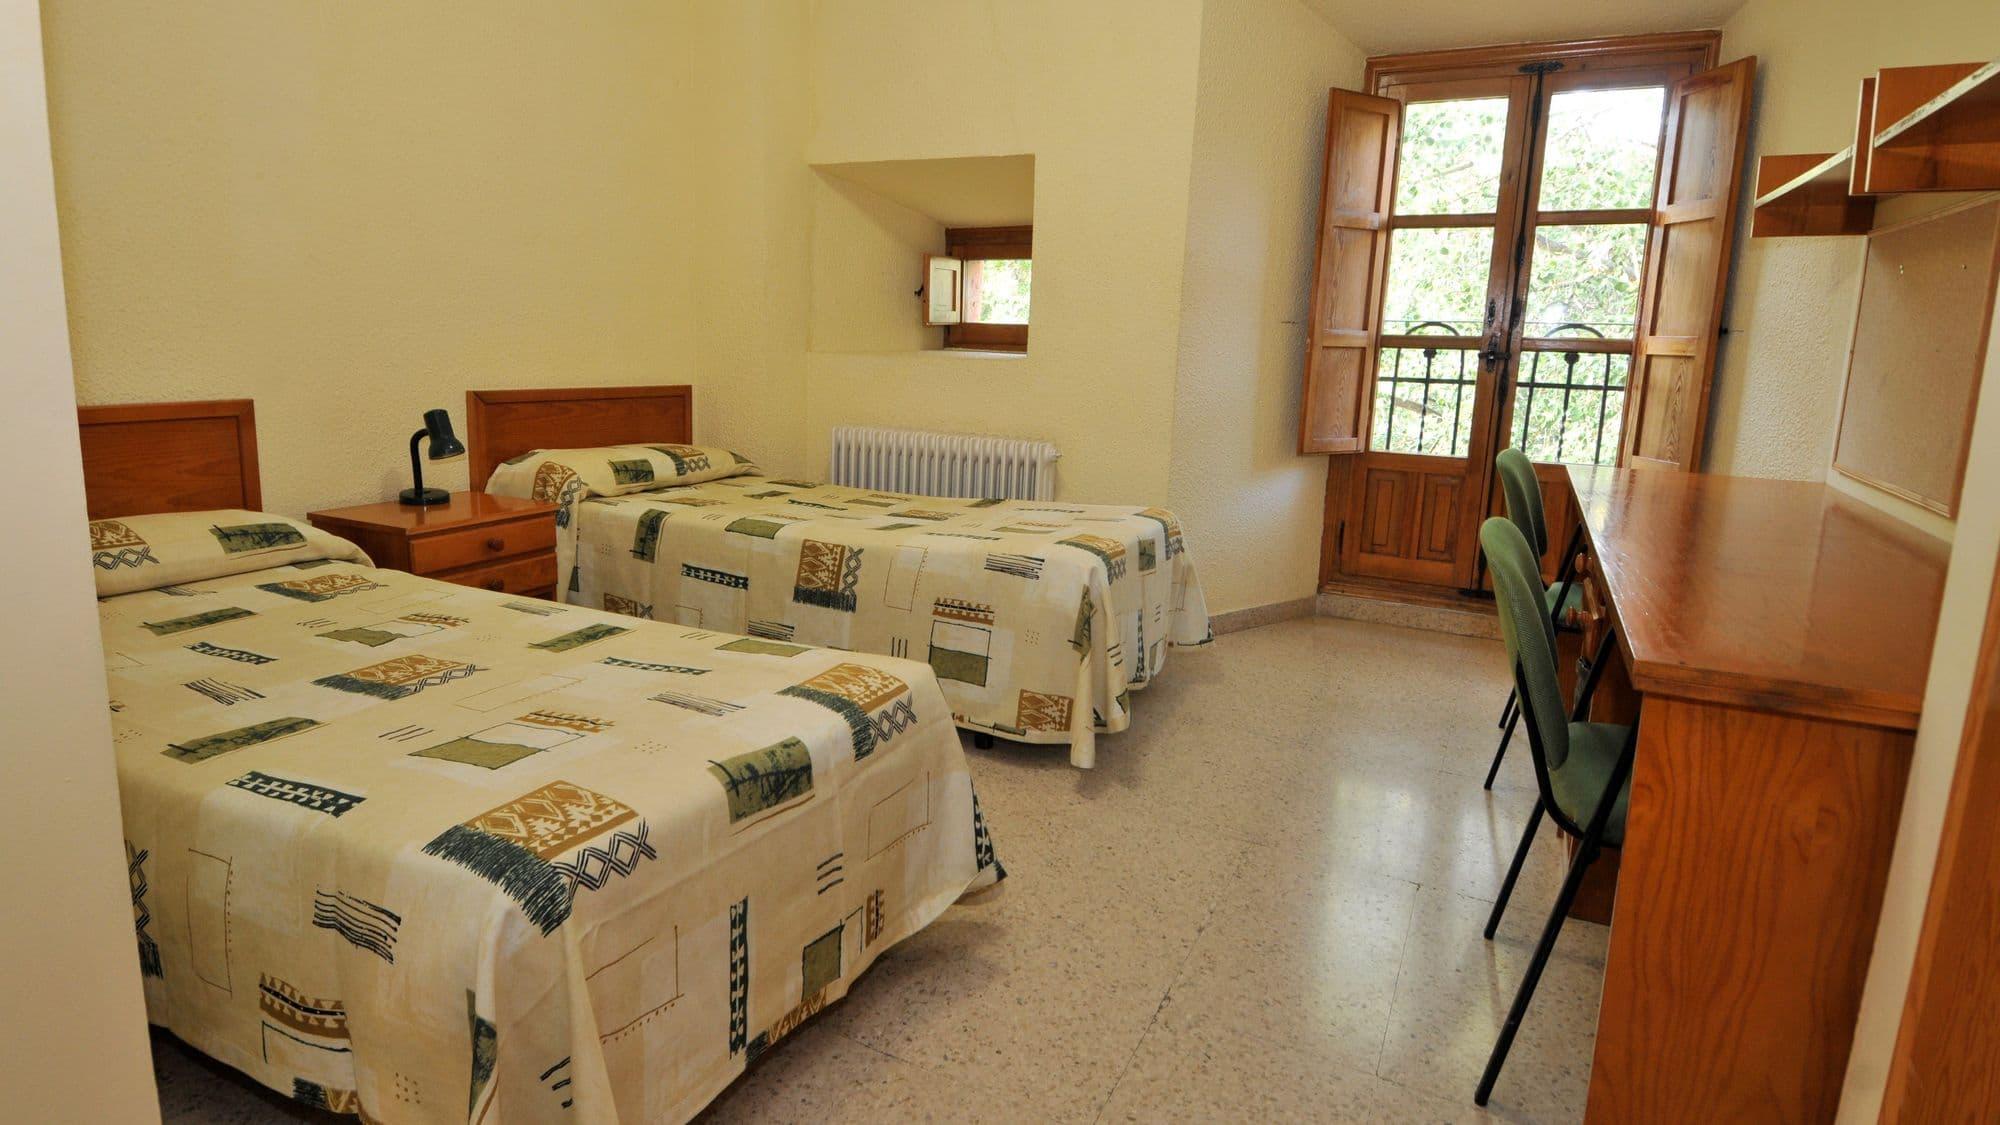 https://funge.uva.es/wp-content/uploads/2020/12/Habitación-Residencia-Duques-de-Soria-Universidad-de-Valladolid1.jpg